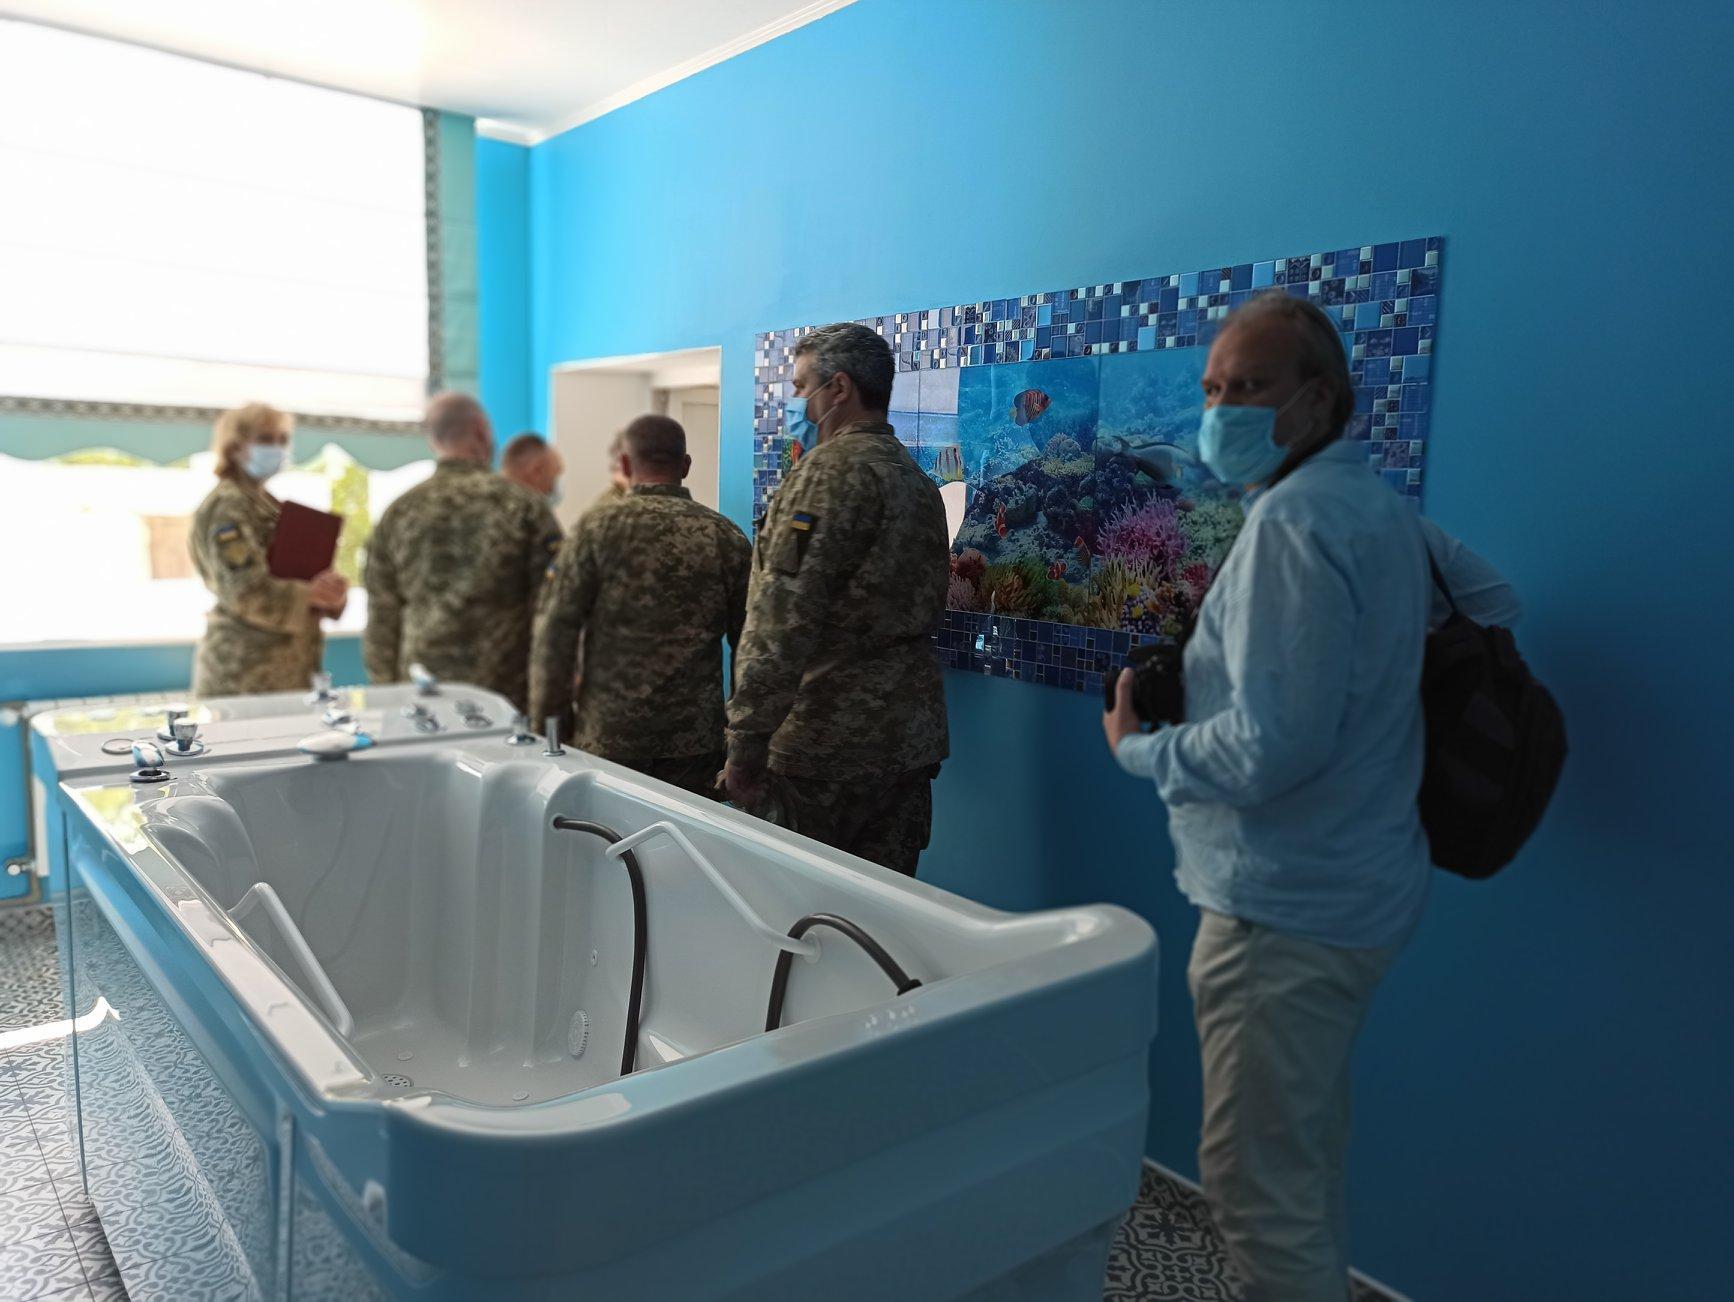 У Військово-медичному клінічному центрі Вінниці відкрили відремонтоване травматологічне відділення (Фото)